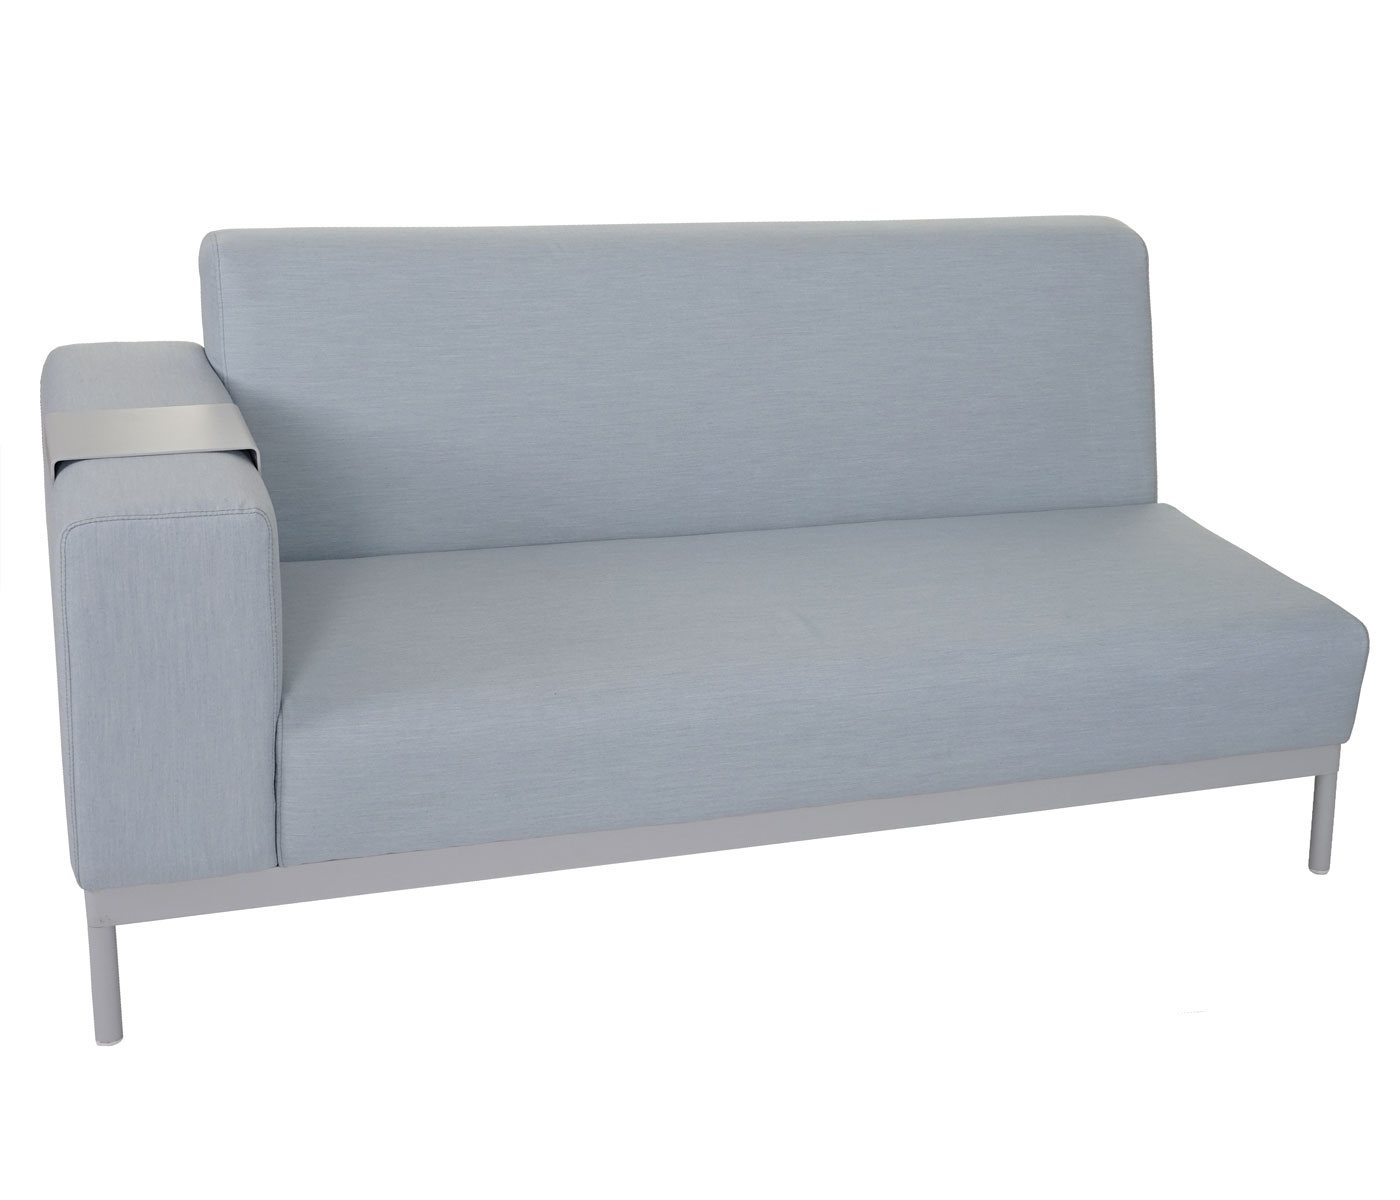 alu garten garnitur hwc c47 sofa outdoor wasserabweisend blau mit ablage ohne kissen. Black Bedroom Furniture Sets. Home Design Ideas